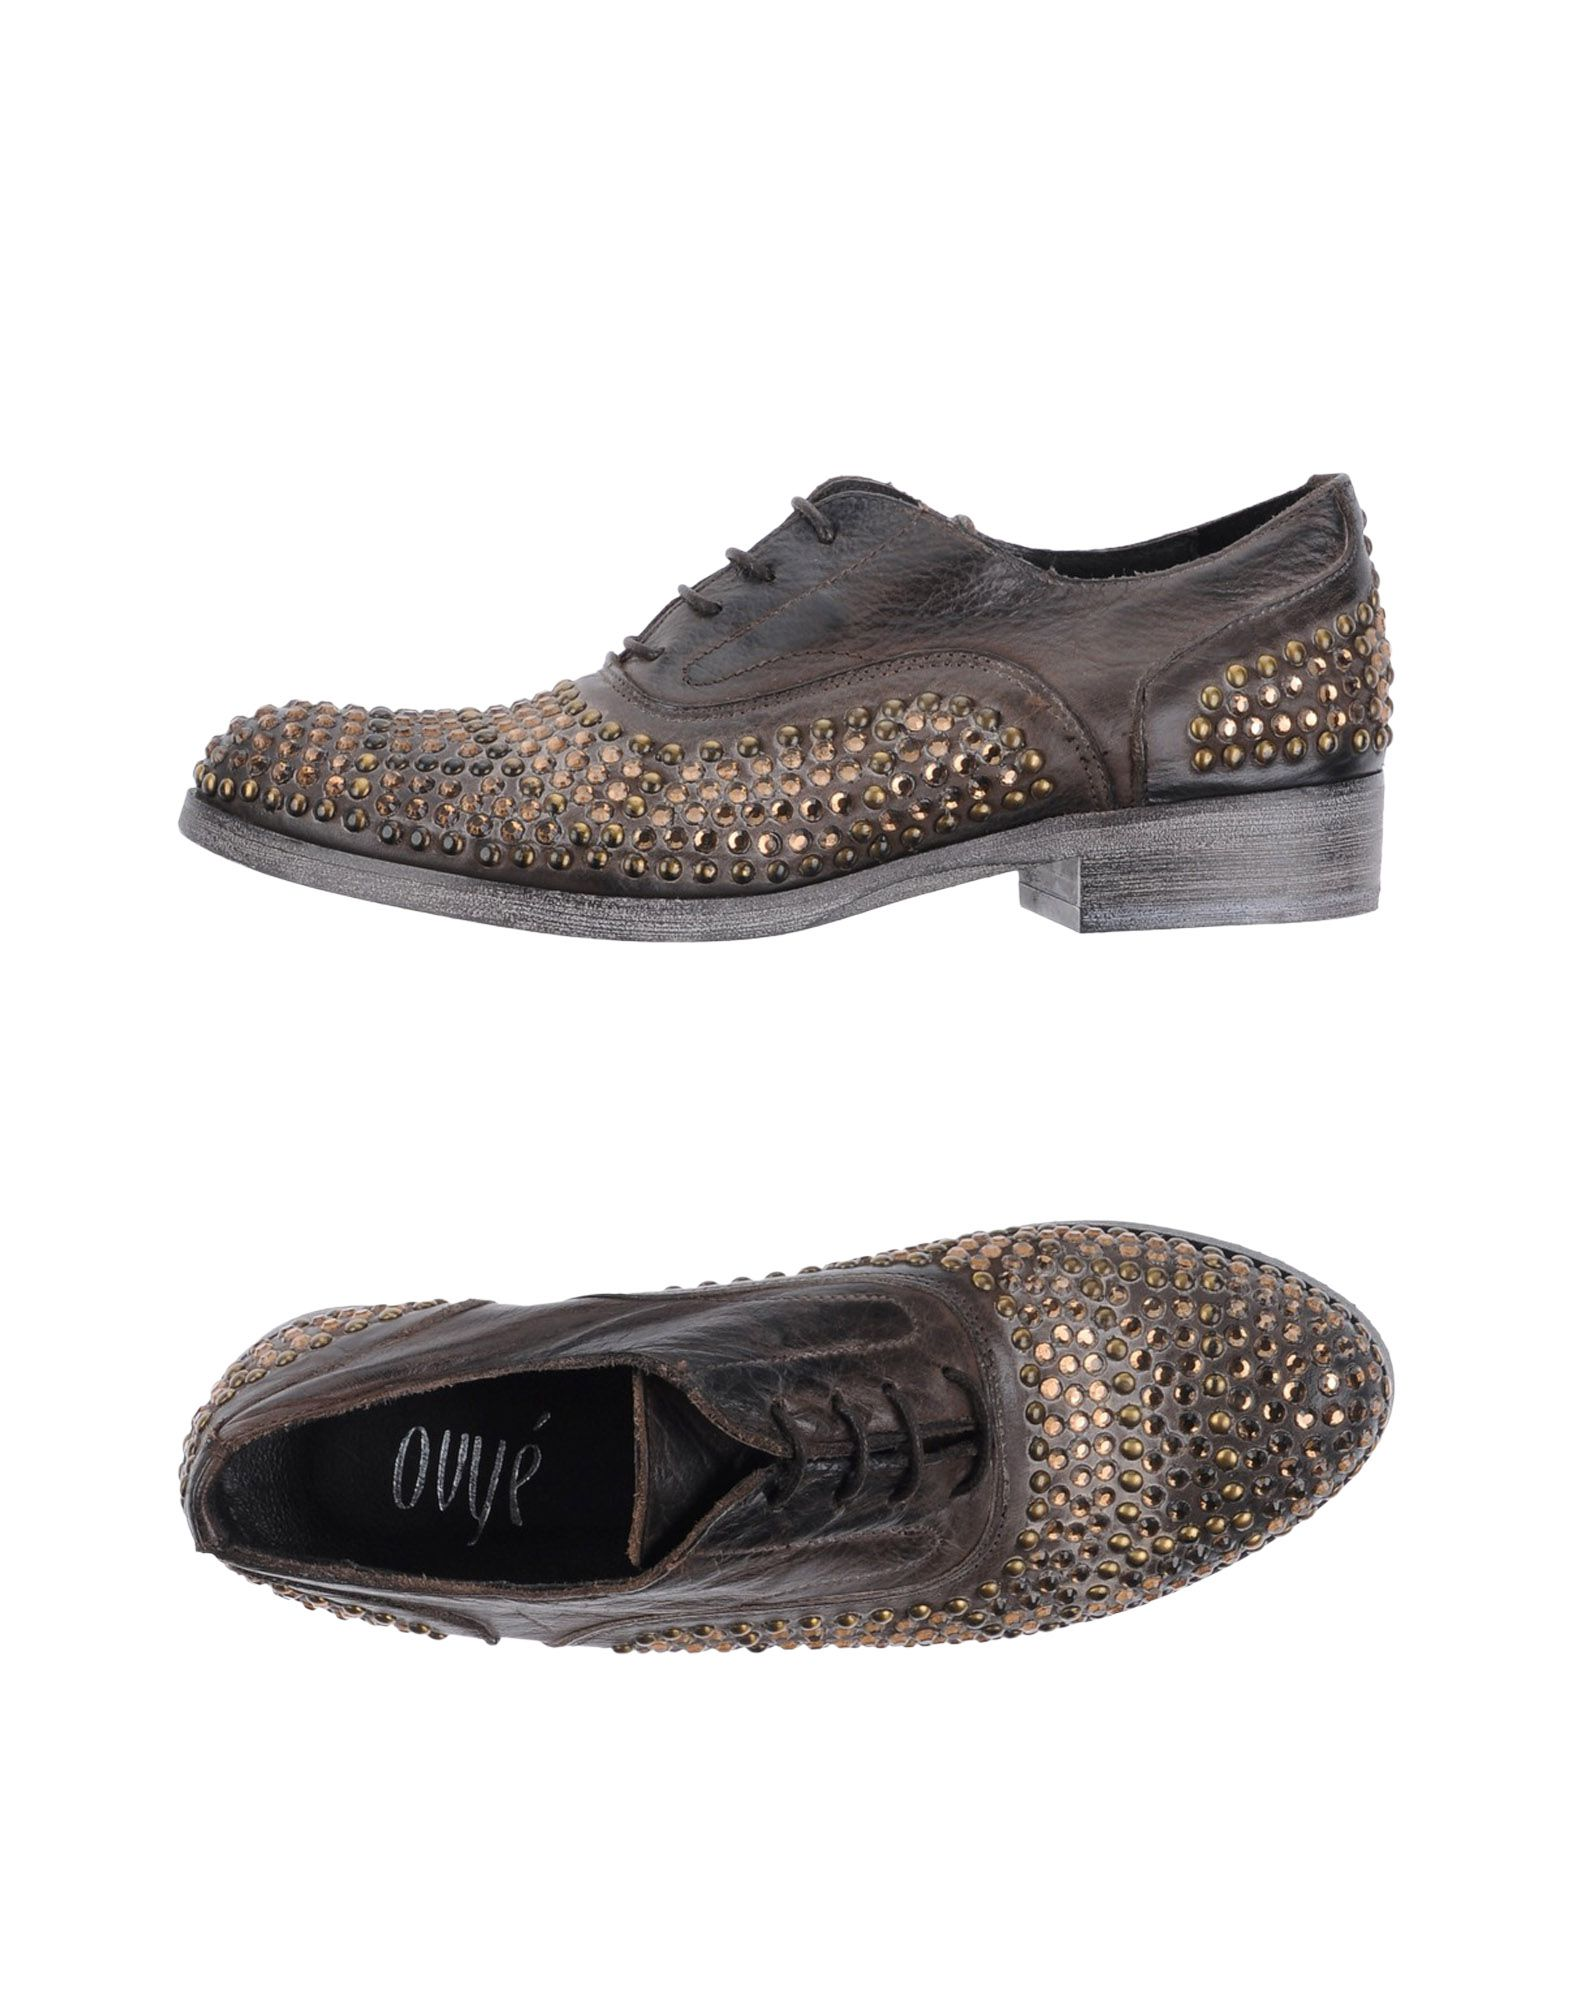 shopalike scarpe hogan